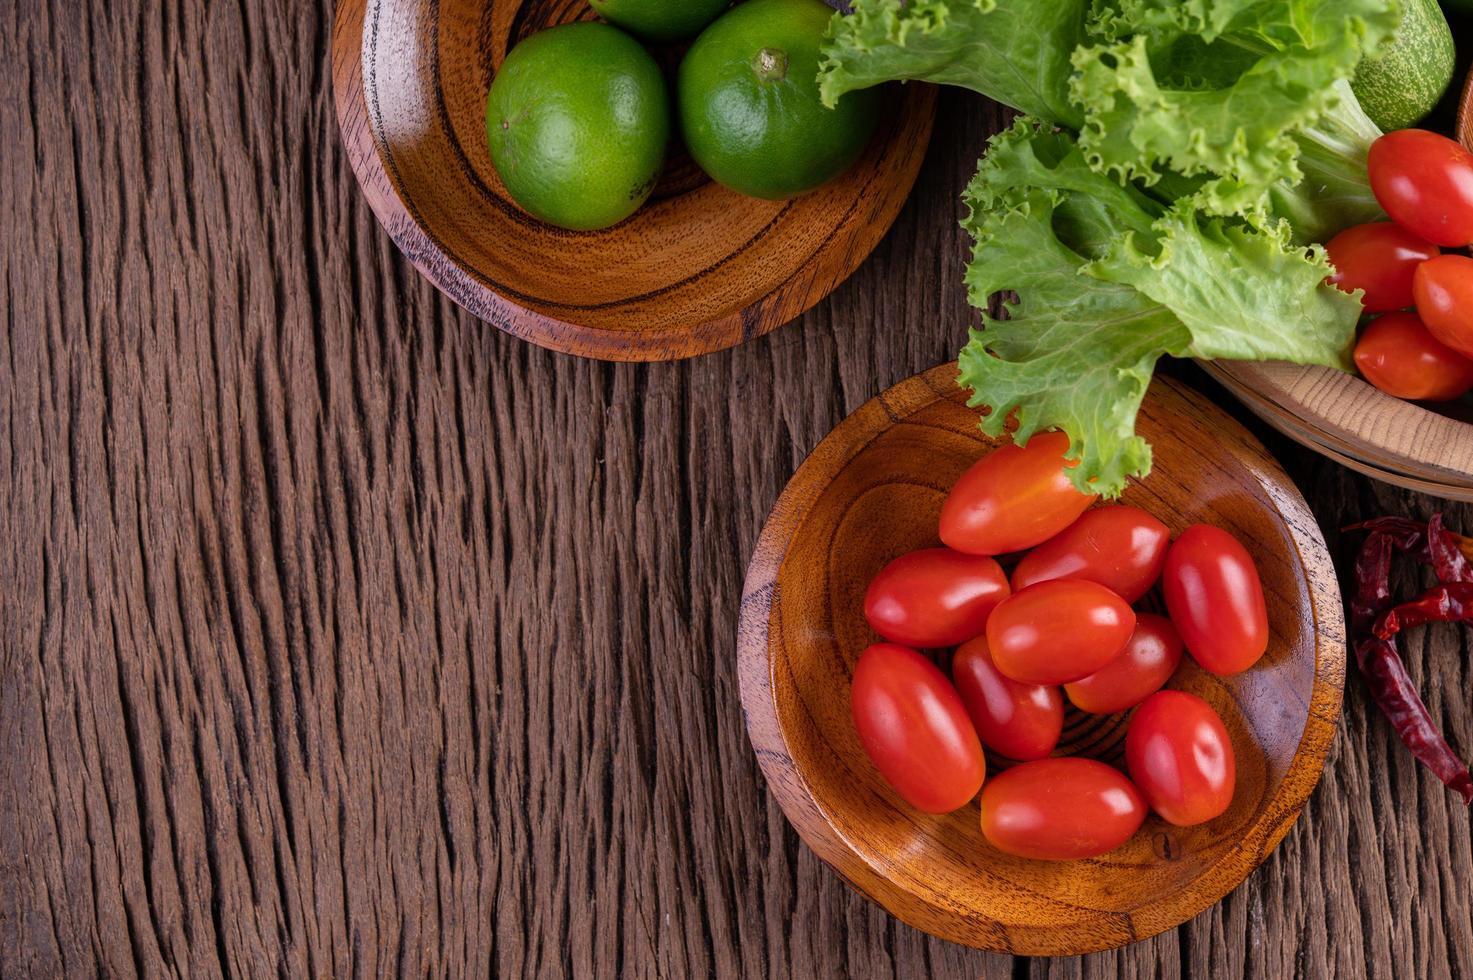 sucre de palme, oignons rouges, poivrons séchés, tomates, concombres, haricots longs et laitue photo